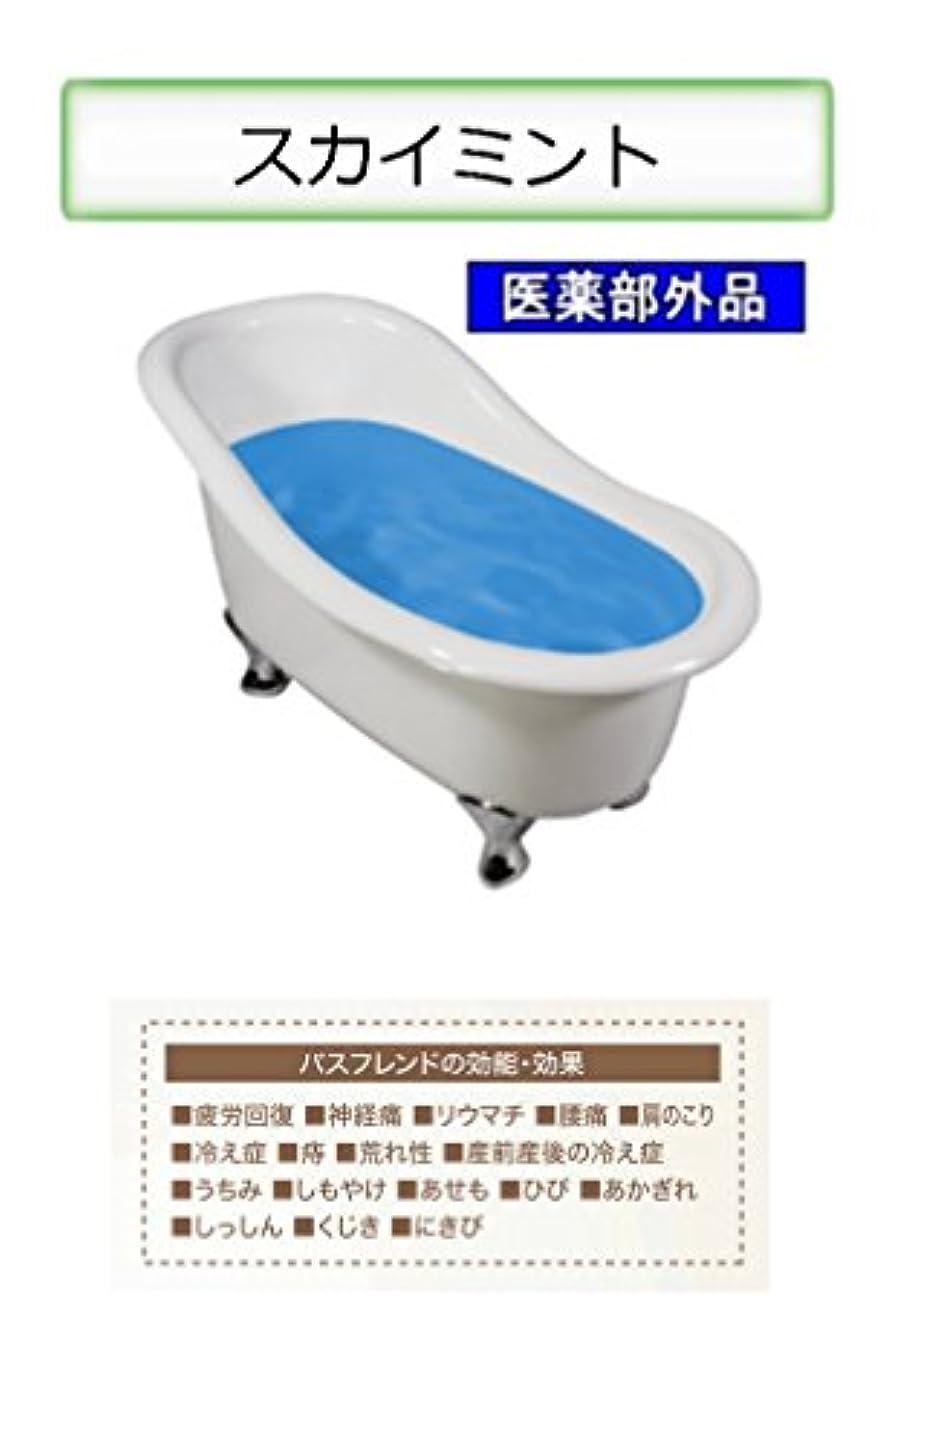 伸ばす緊張定数薬用入浴剤 バスフレンド/伊吹正 (スカイミント, 17kg)